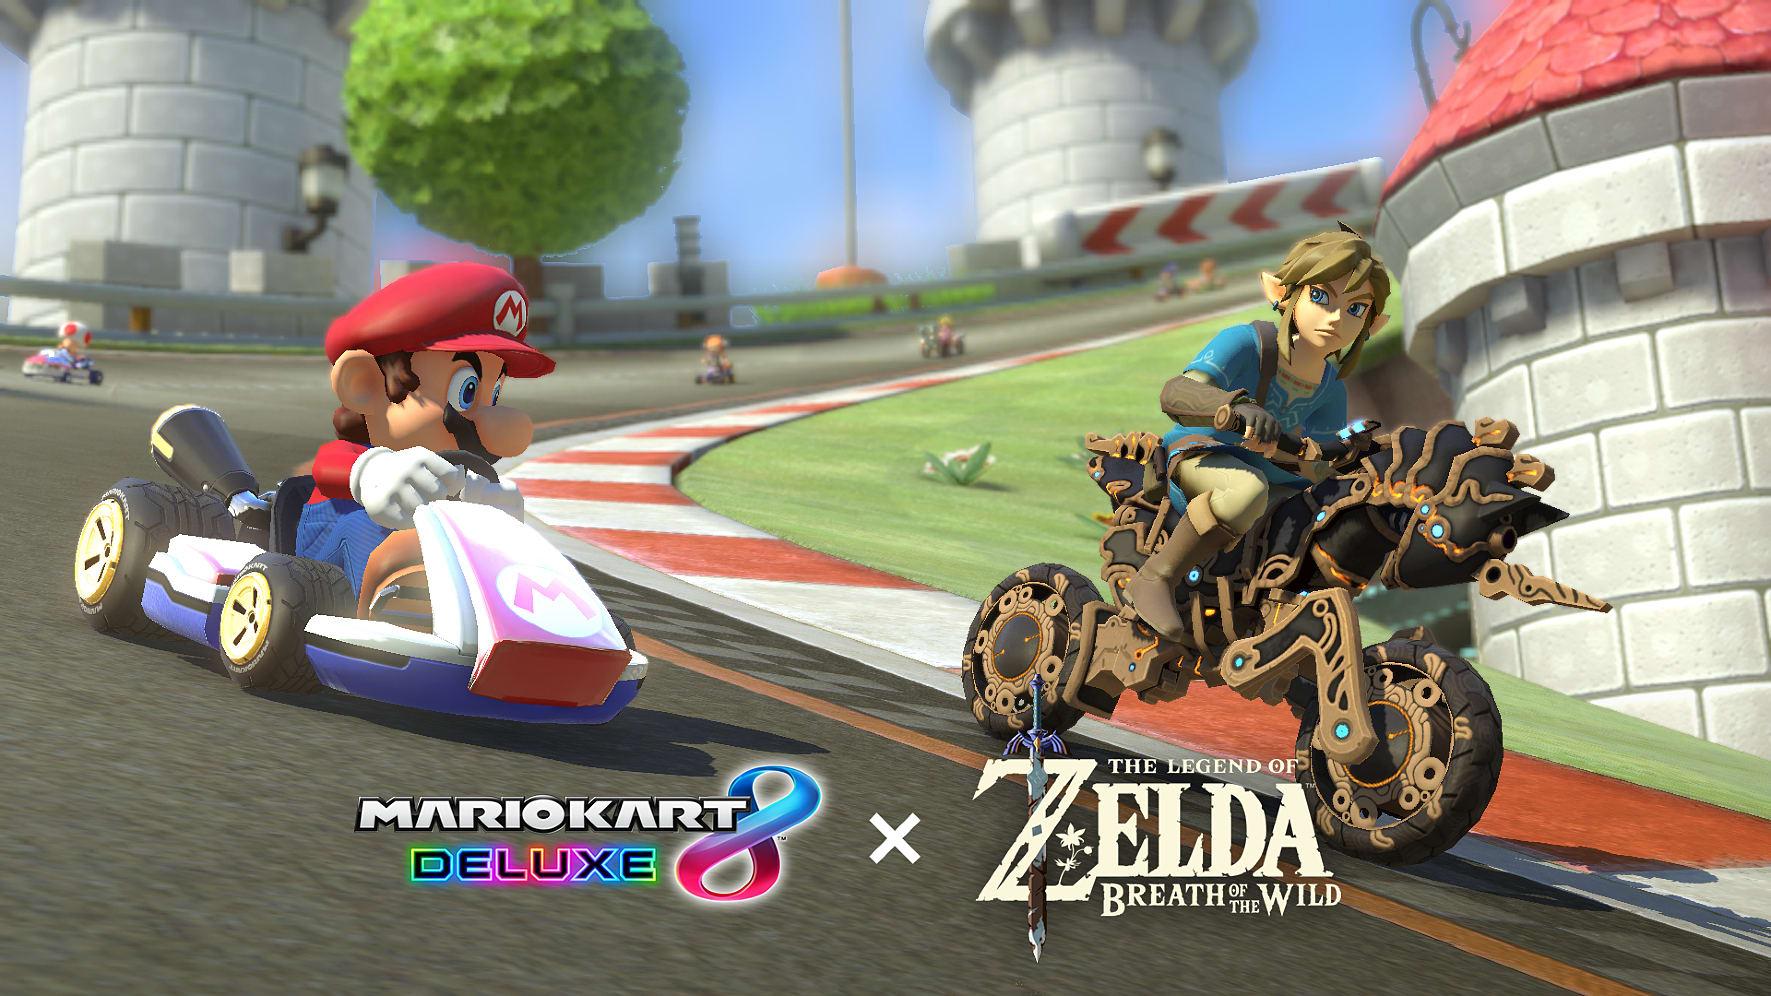 Nintendo Switch Neon Mario Kart 8 Bundle